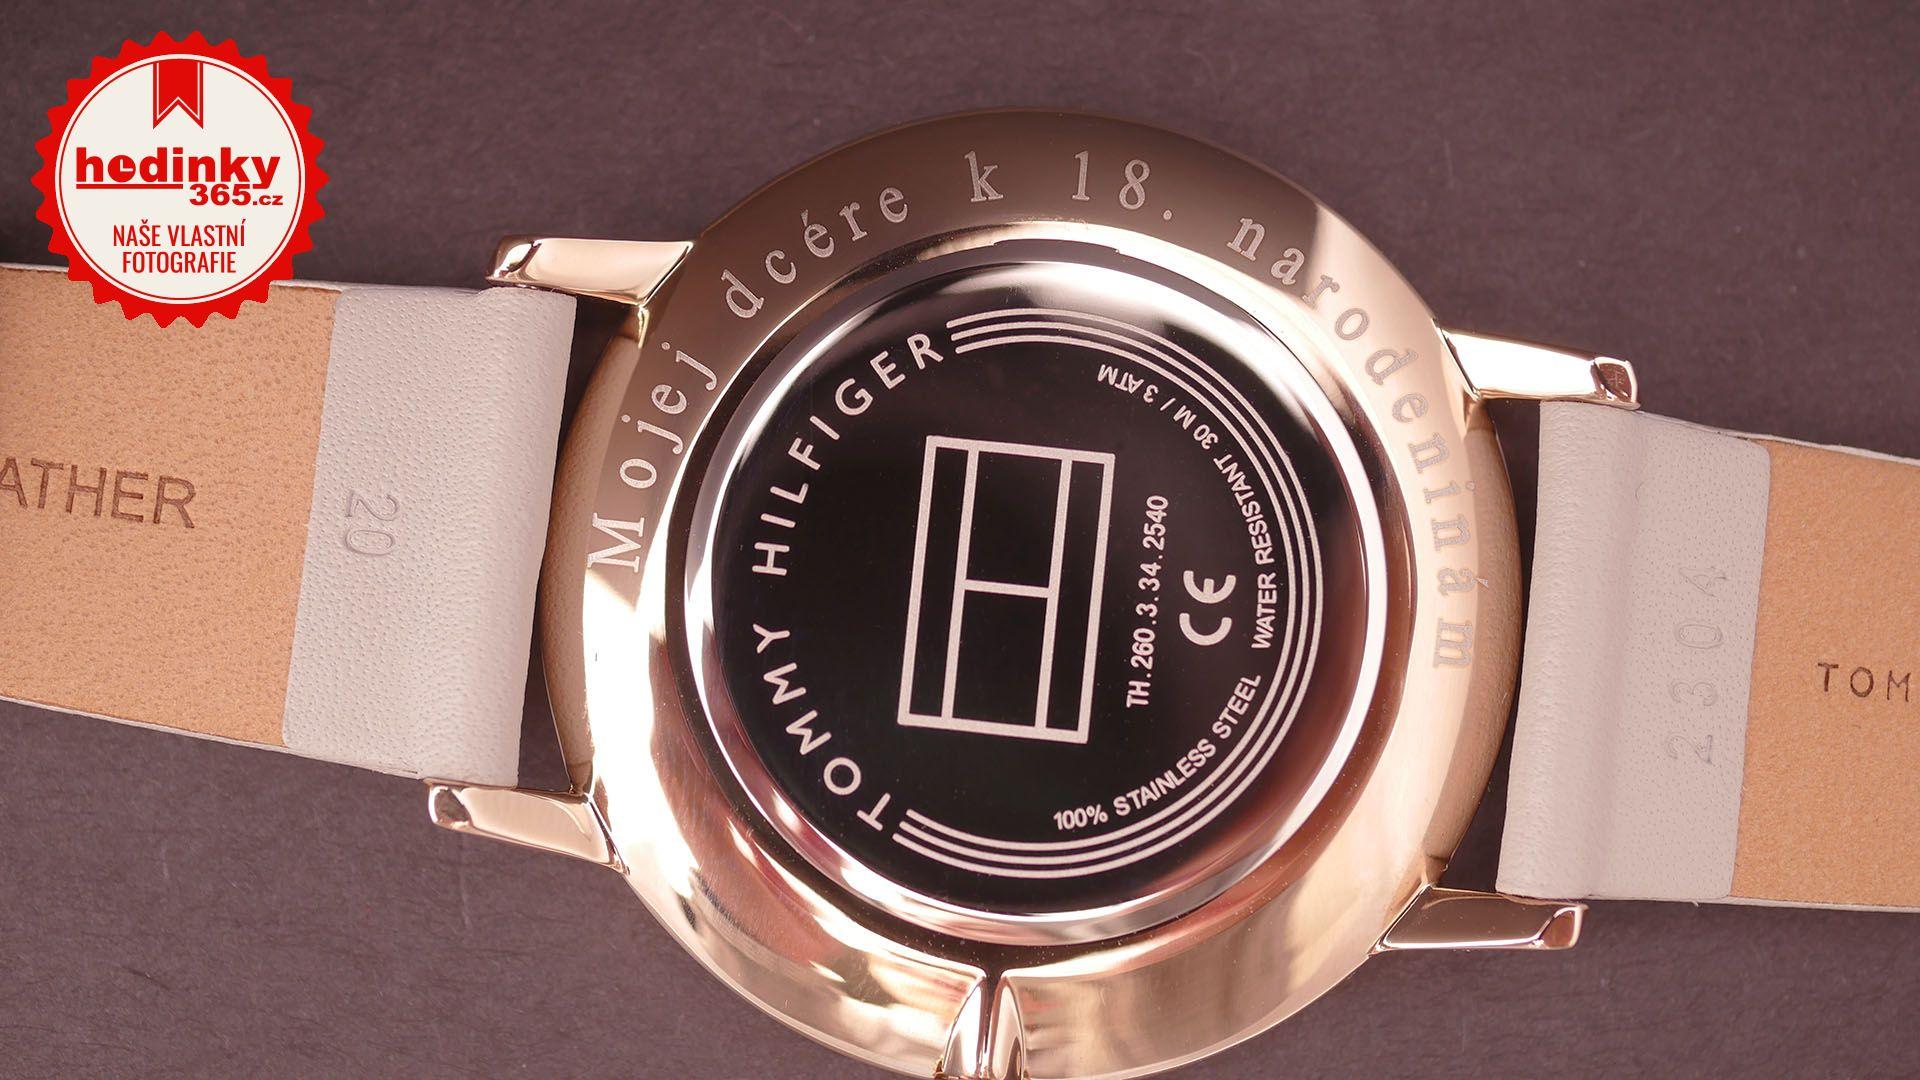 620b9f8ff Gravírování hodinek (vyrytí věnování, textu, nebo firemního loga ...